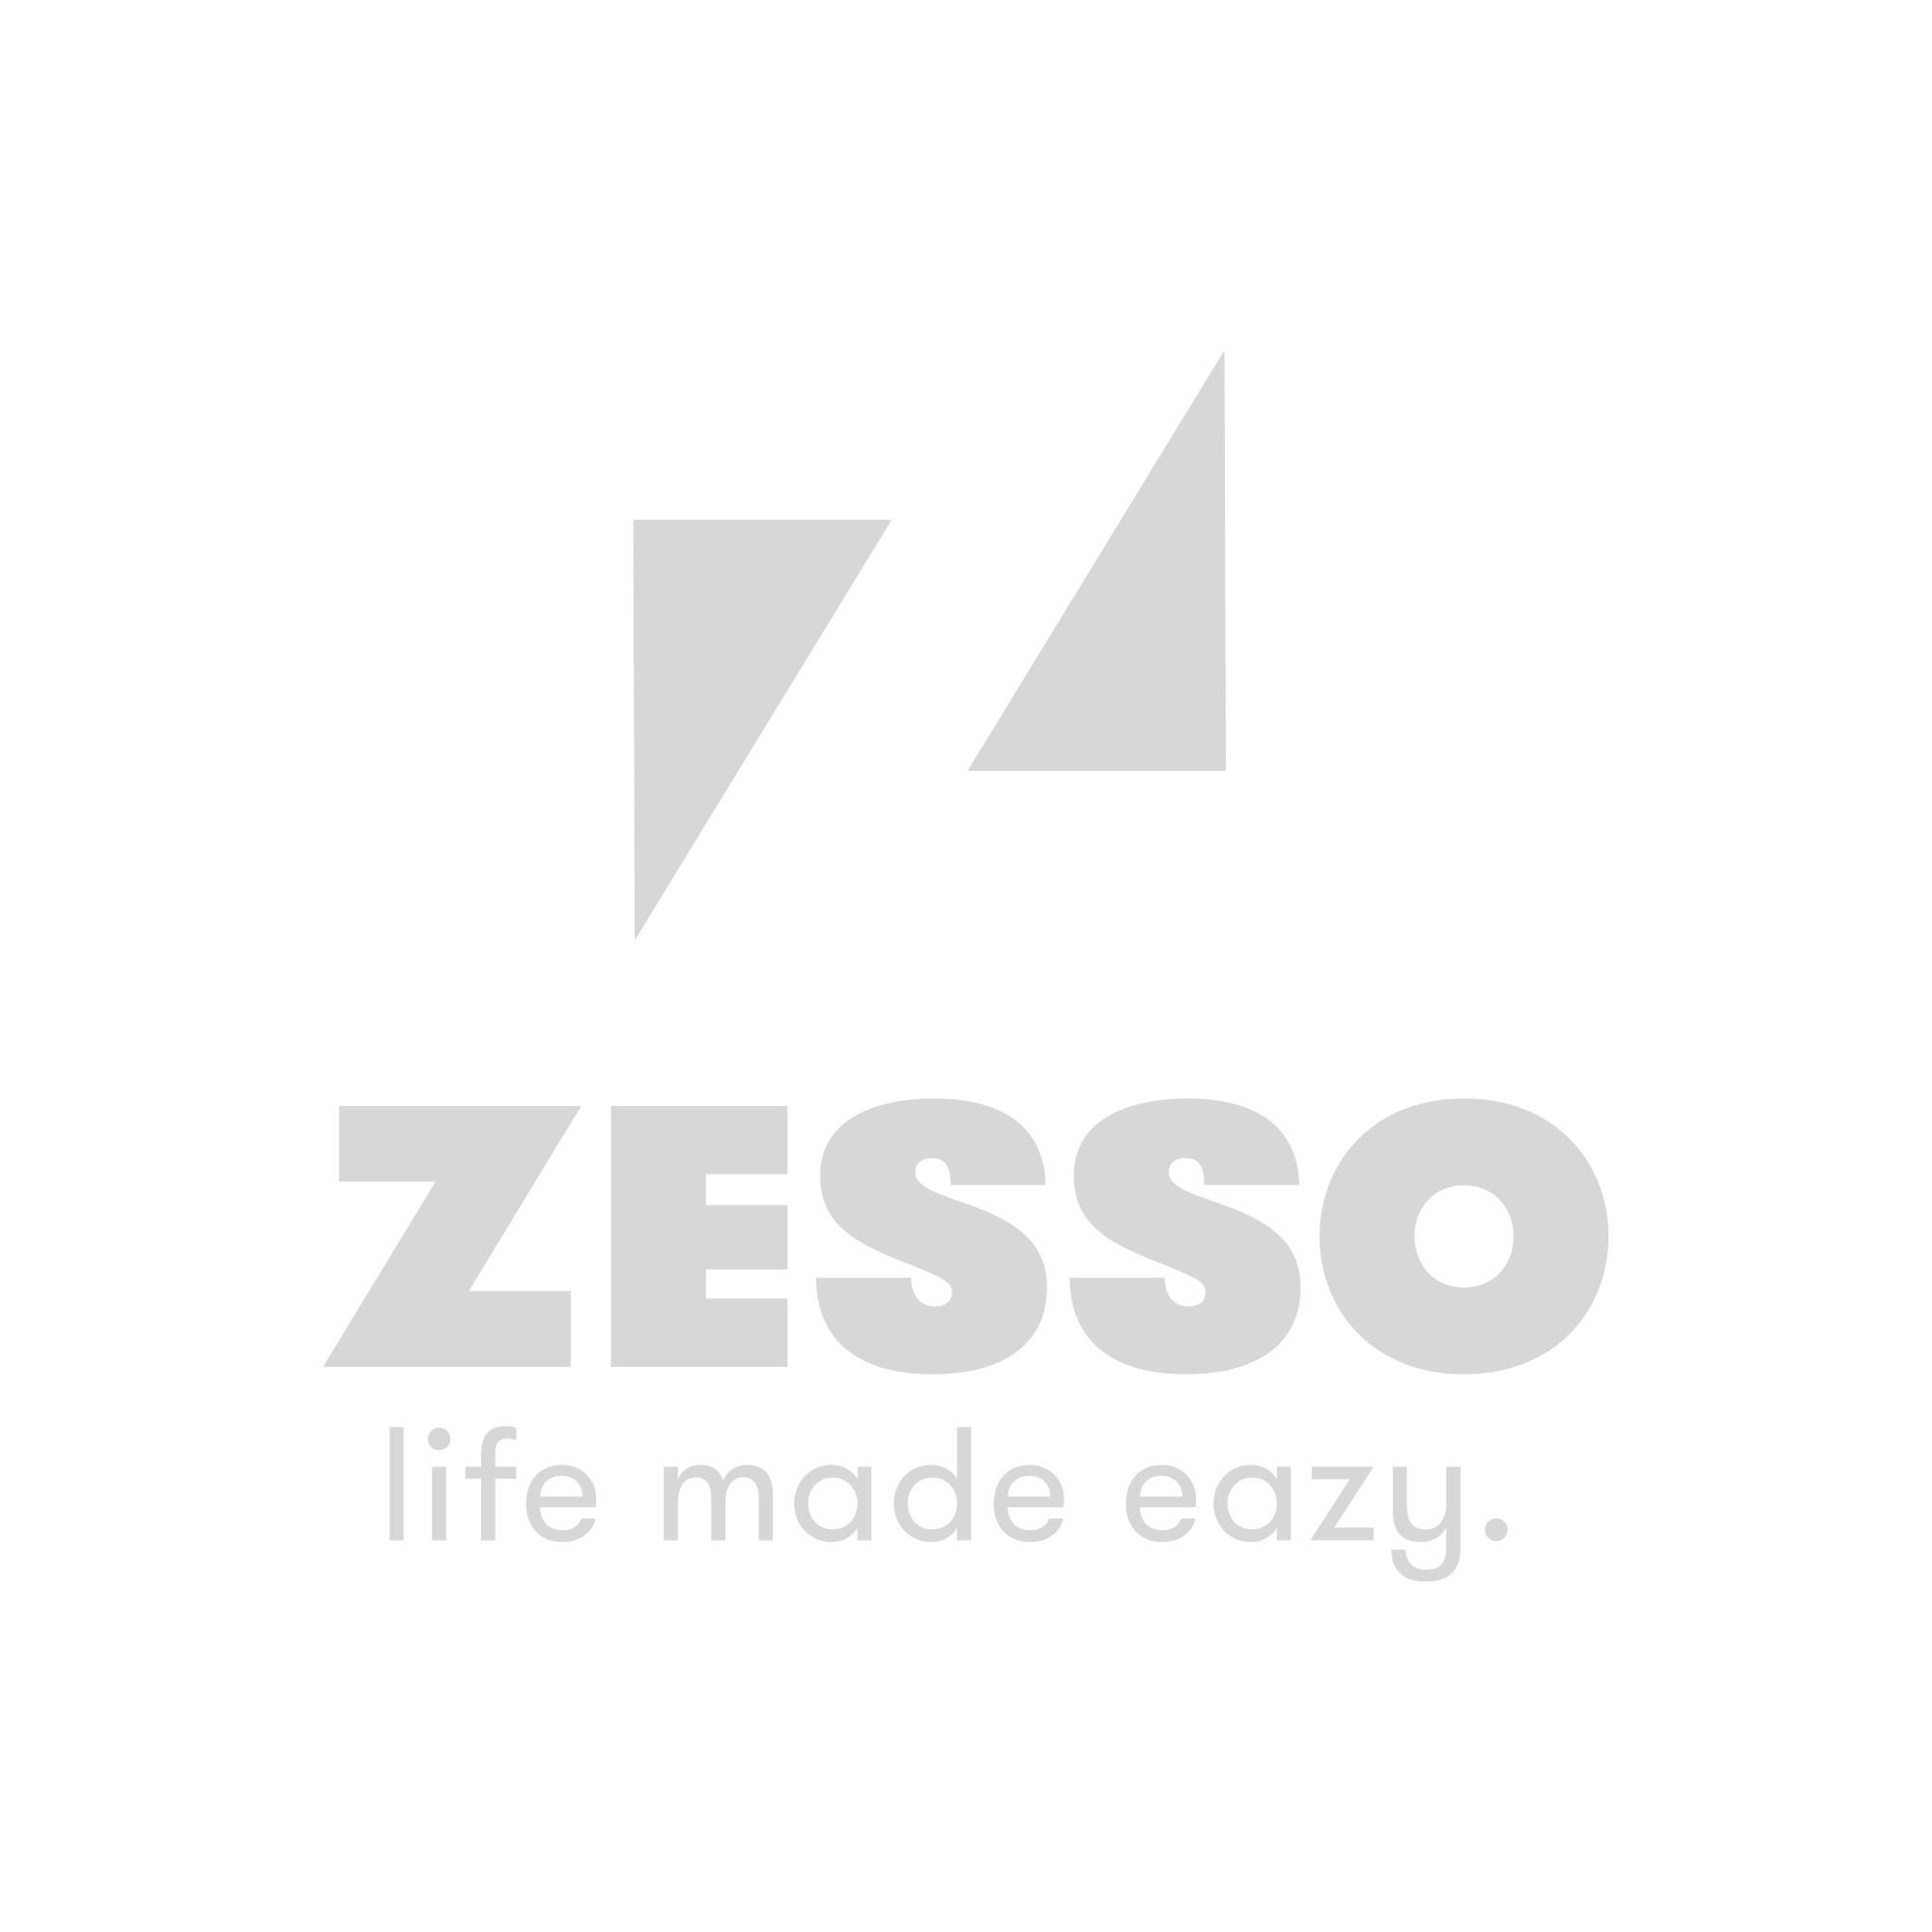 Deuxième Chance - Eazy Living Tapis 170 cm x 120 cm Vicq Noir